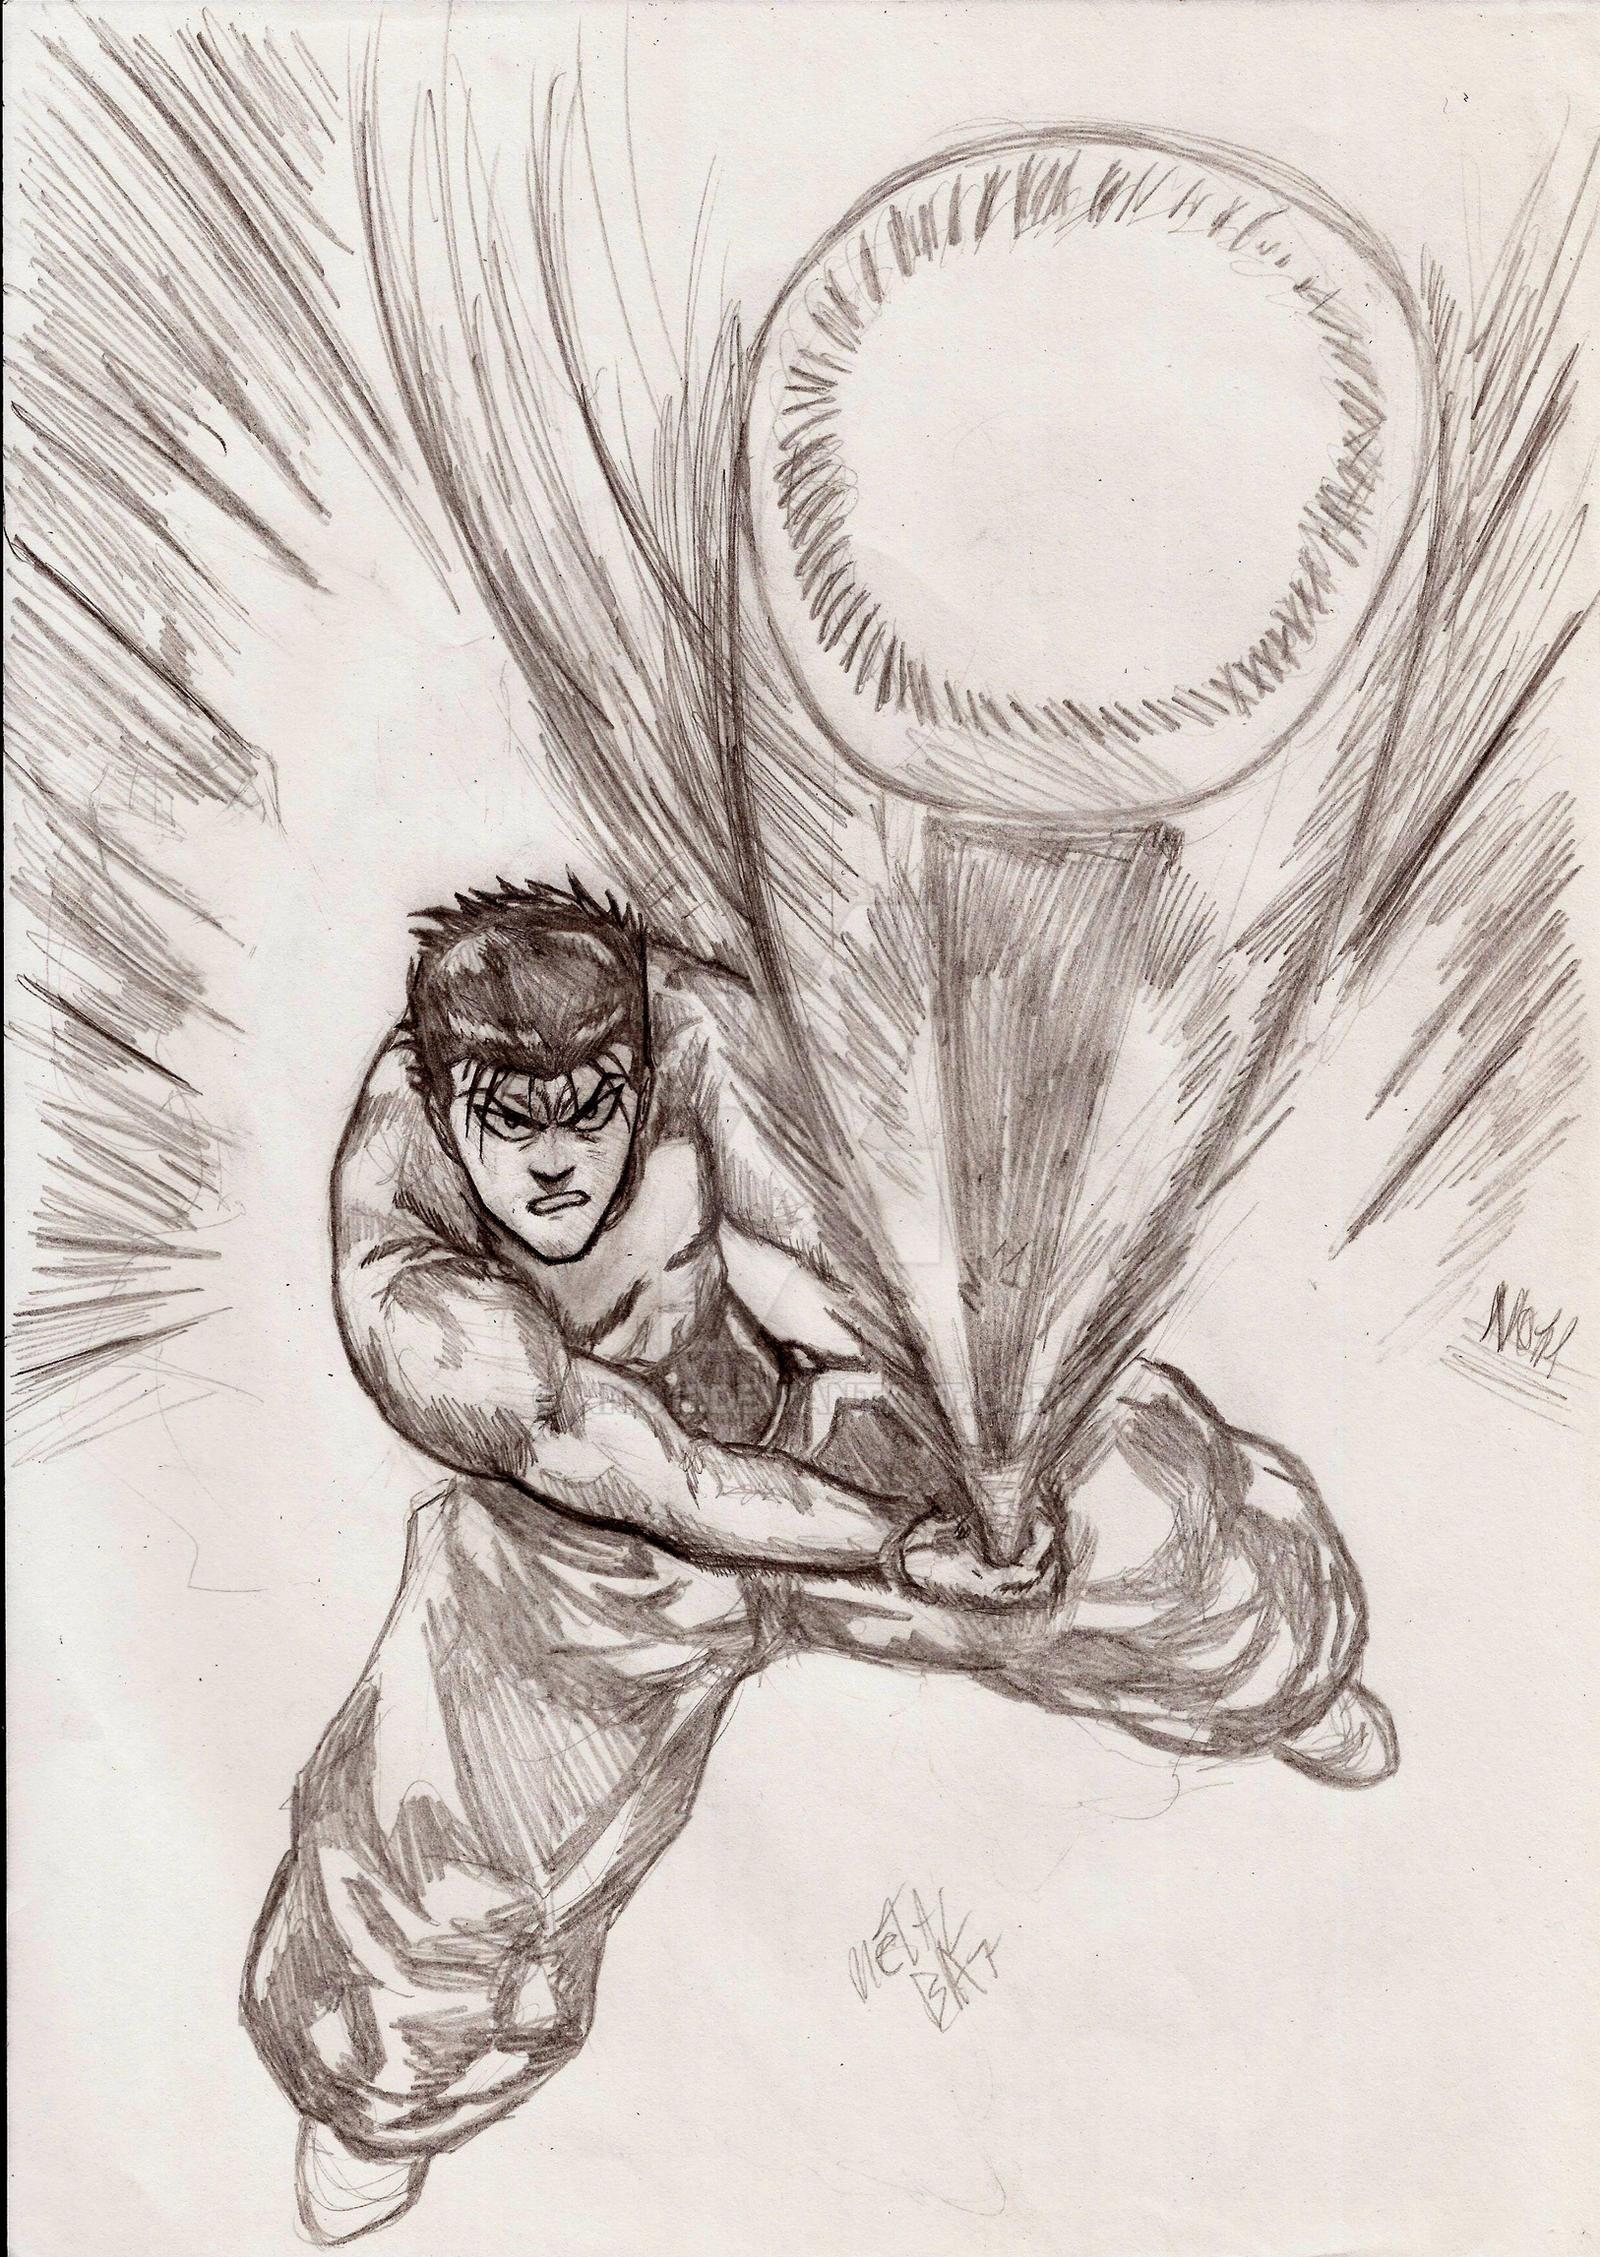 Metal bat by nic011